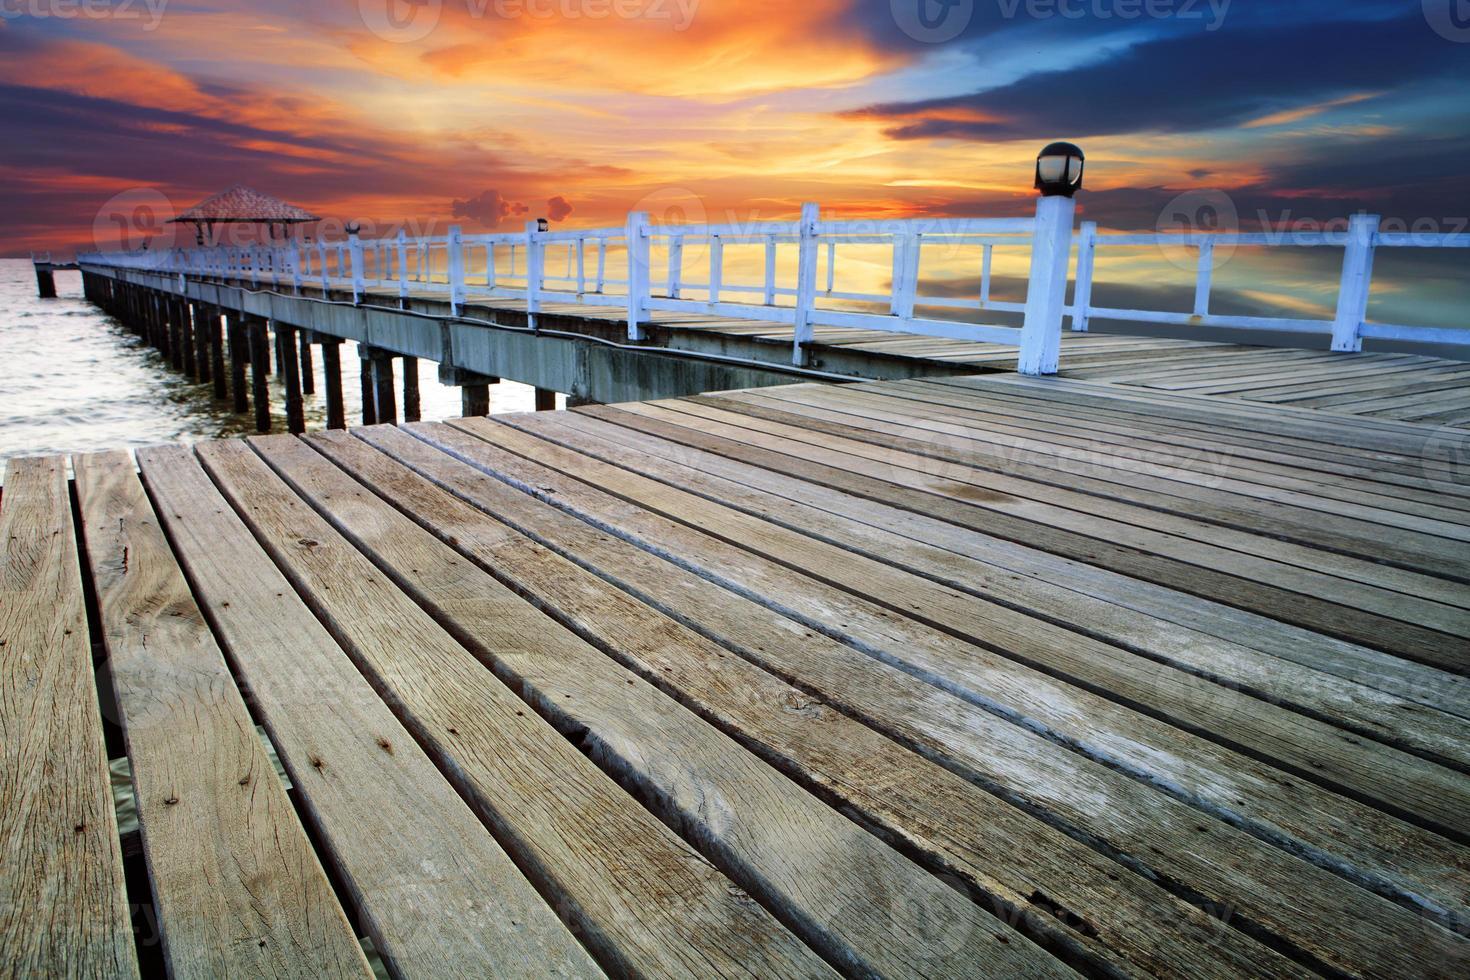 prachtige oude houten brug op het strand met zonsondergang hemel foto